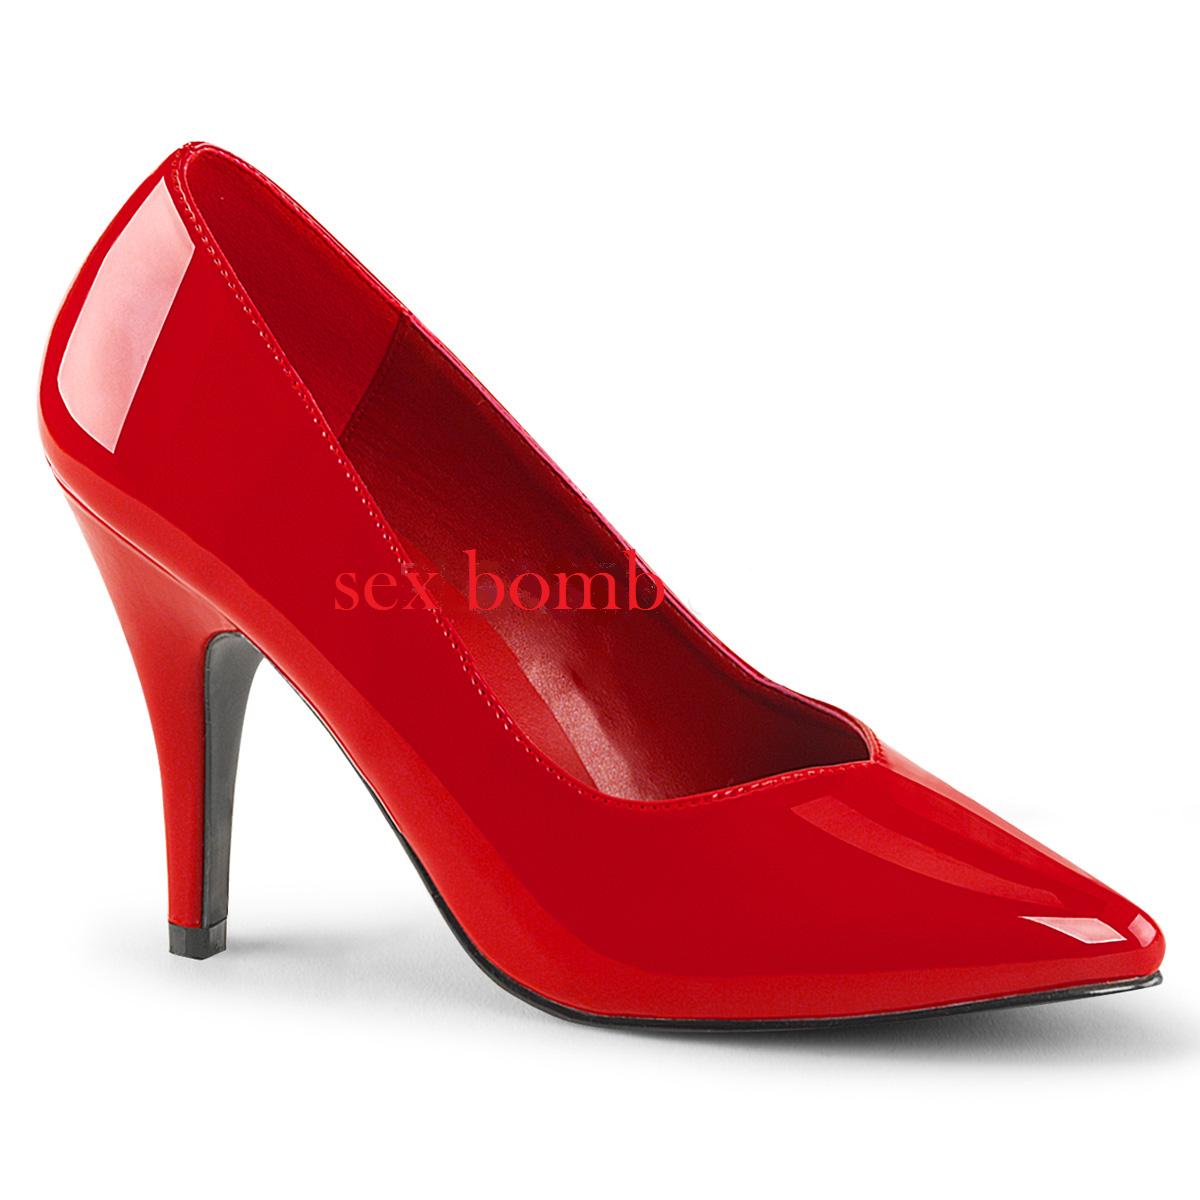 Sexy DECOLTE' tacco 10 ROSSO DAL 36 AL 47 ROSSO 10 LUCIDO scarpe GLAMOUR Chic fashion 36c61e